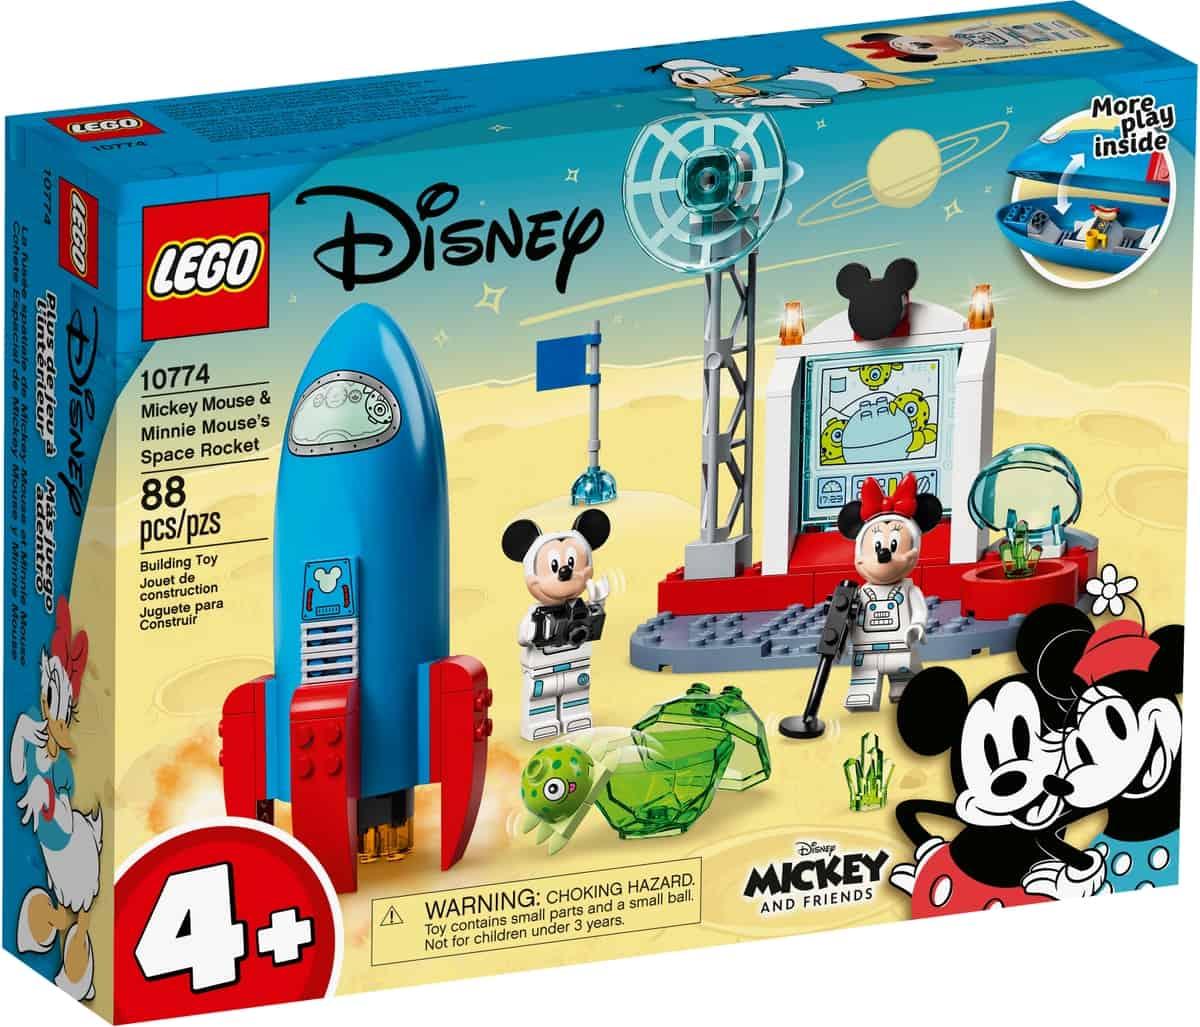 lego 10774 la fusee spatiale de mickey mouse et minnie mouse